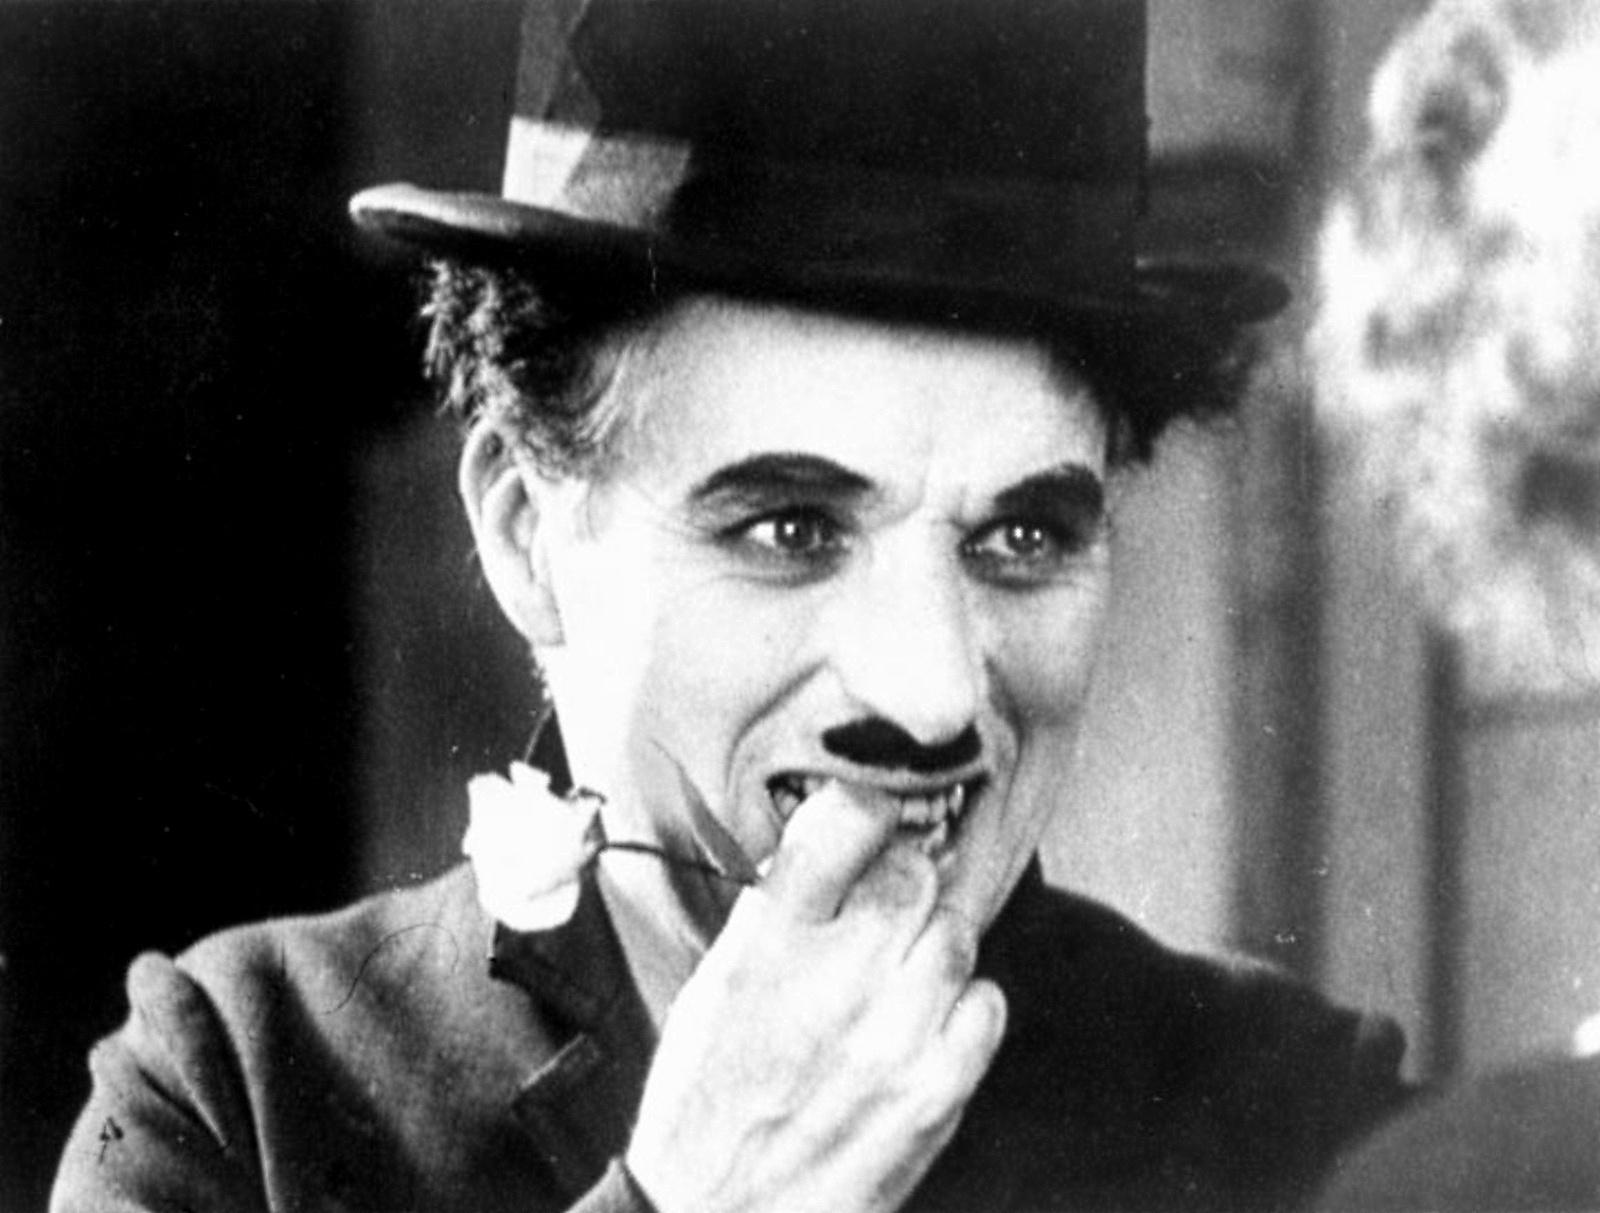 Şarlo karakteri ile anılan Charlie Chaplin (Şarlo). tarihte bugün